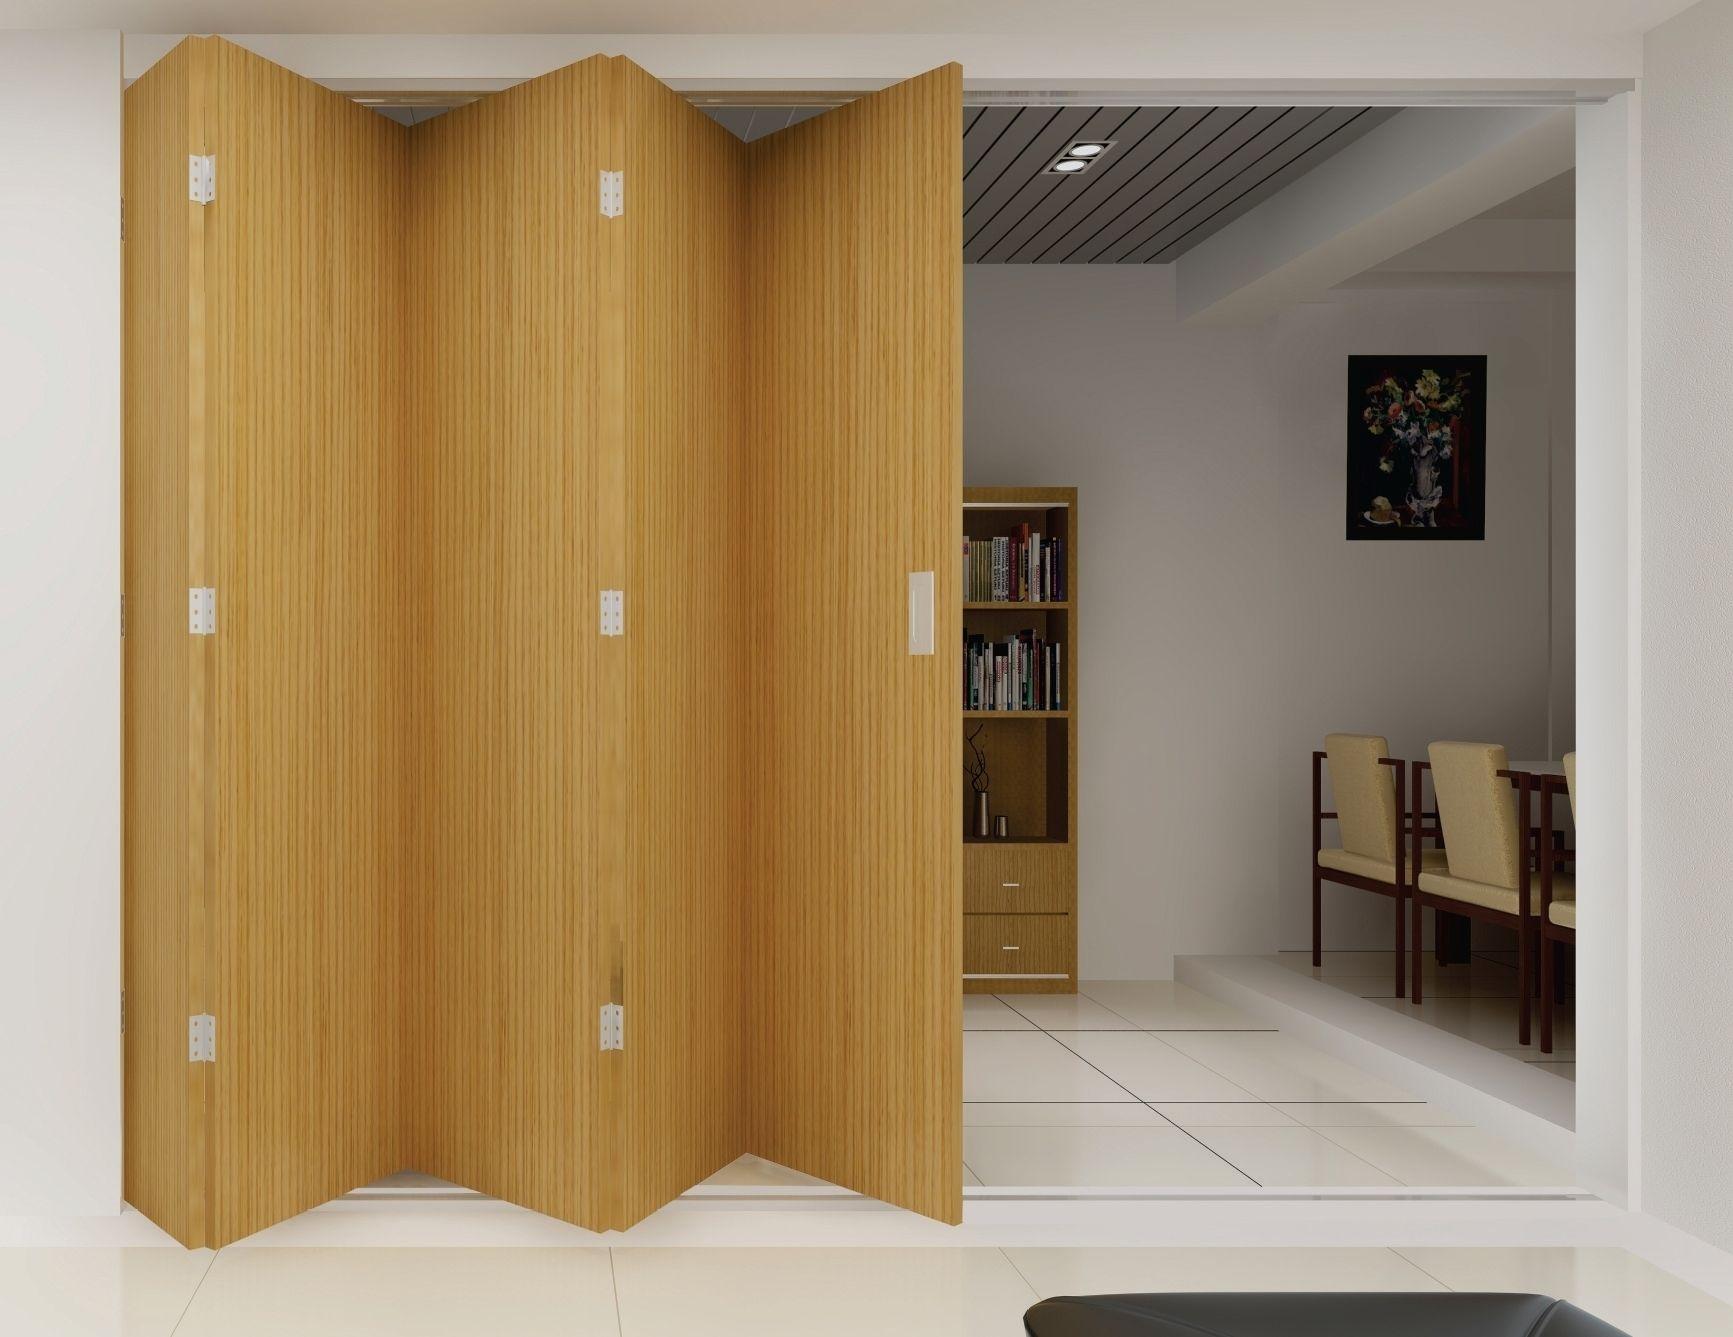 Hafele Pocket Sliding Door System